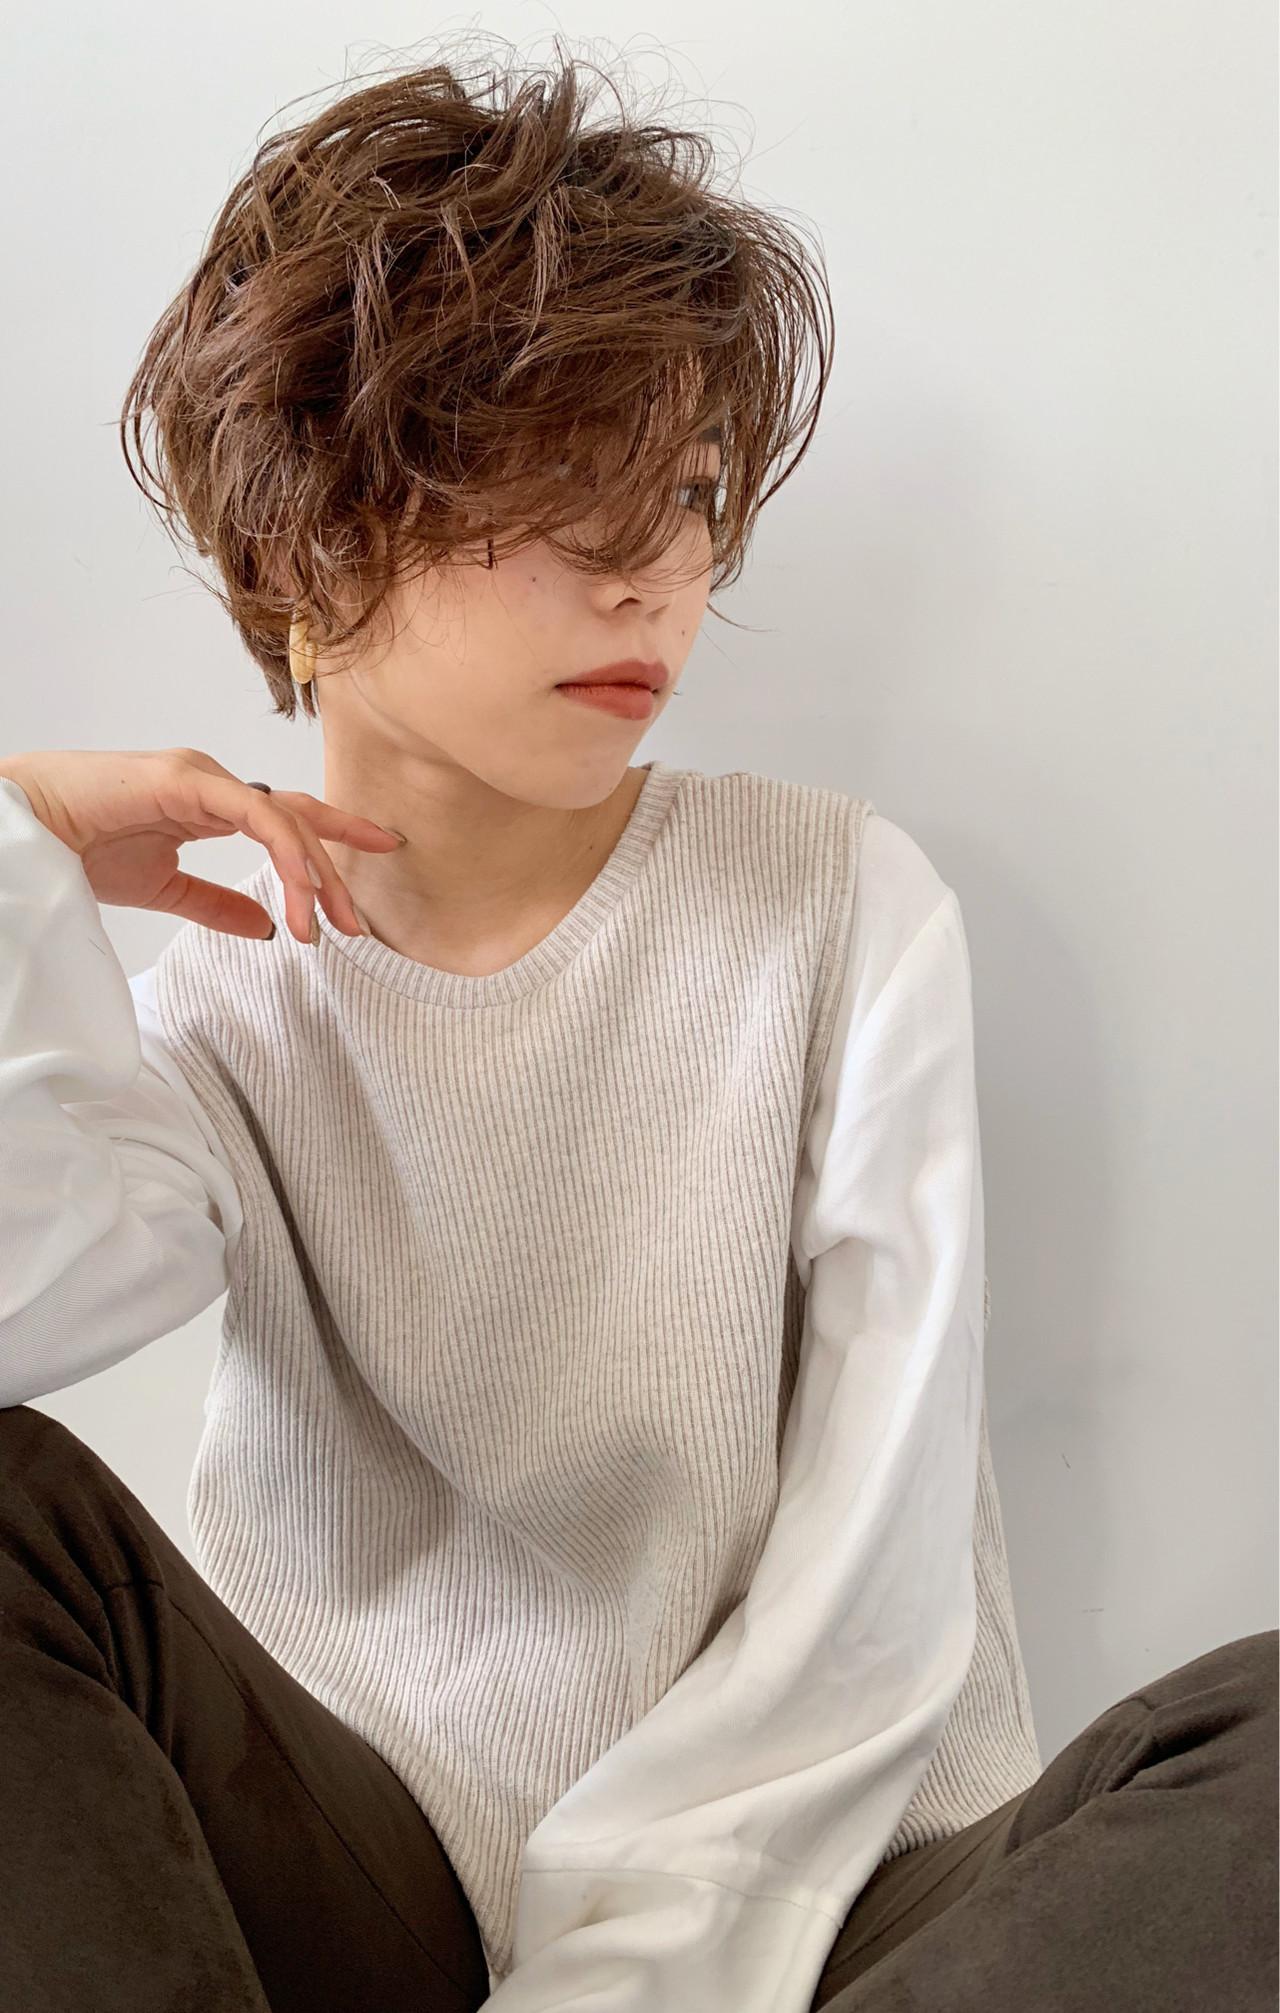 ショートヘア ニュアンスヘア 大人カジュアル ショート ヘアスタイルや髪型の写真・画像